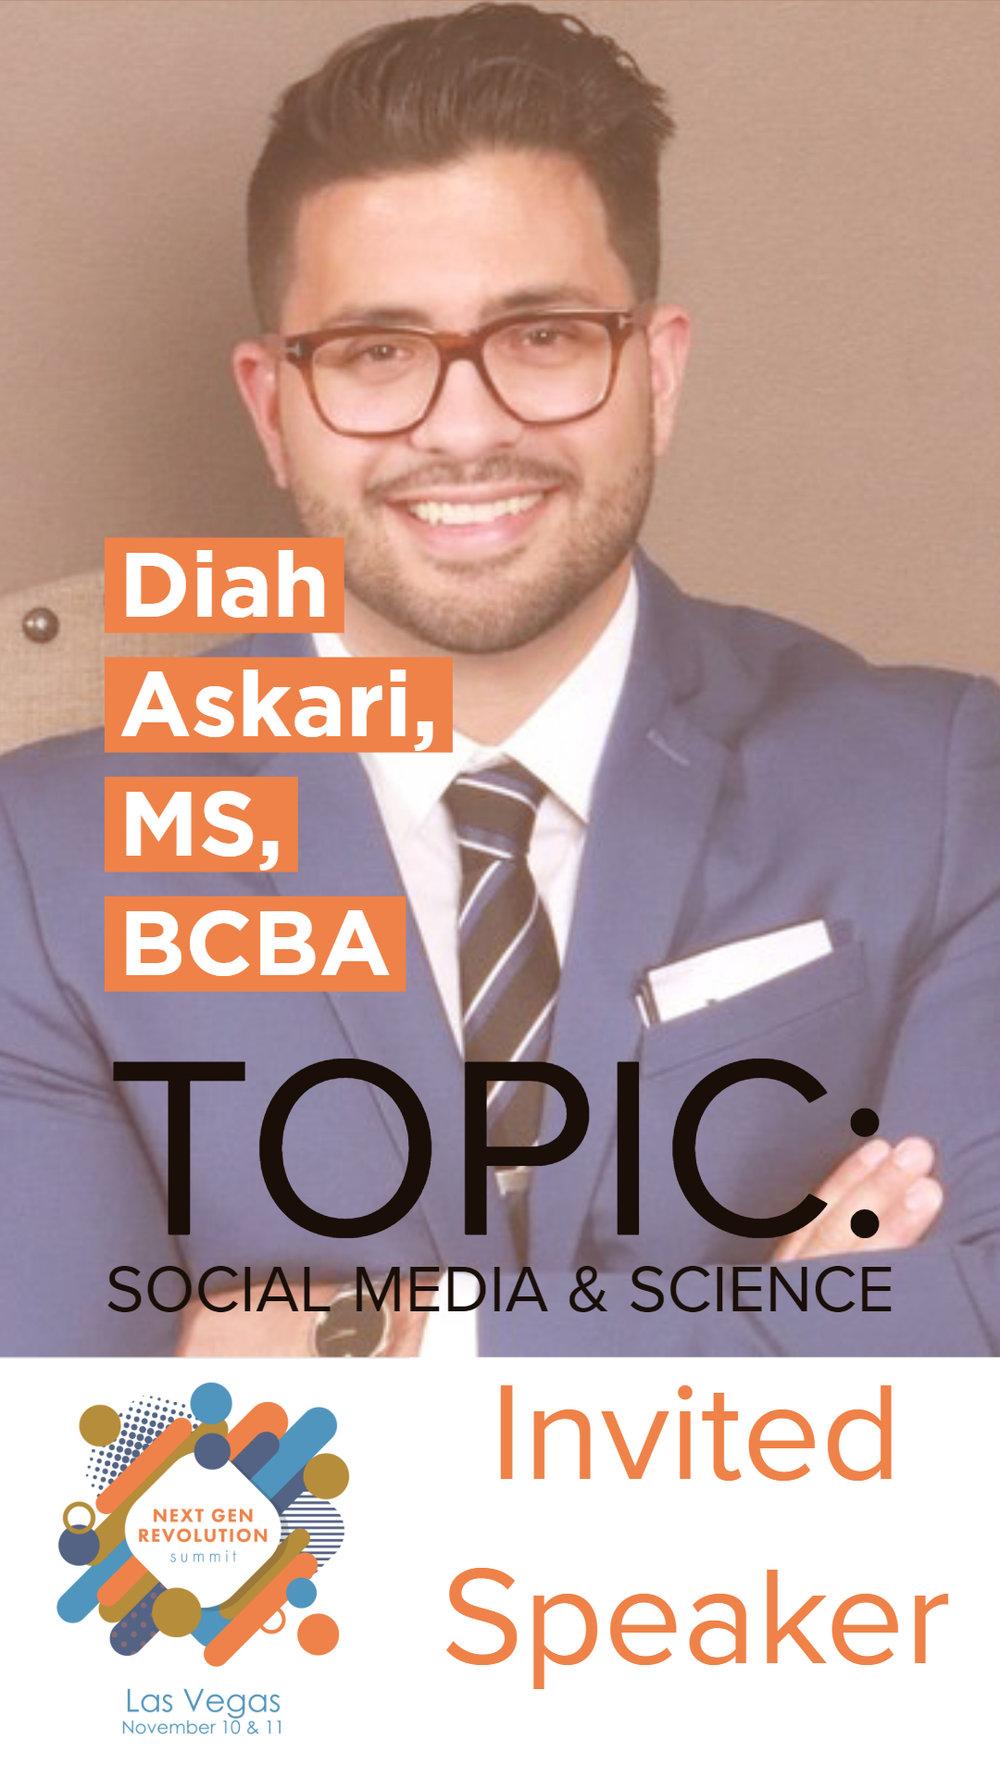 Diah Askari, MS, BCBA